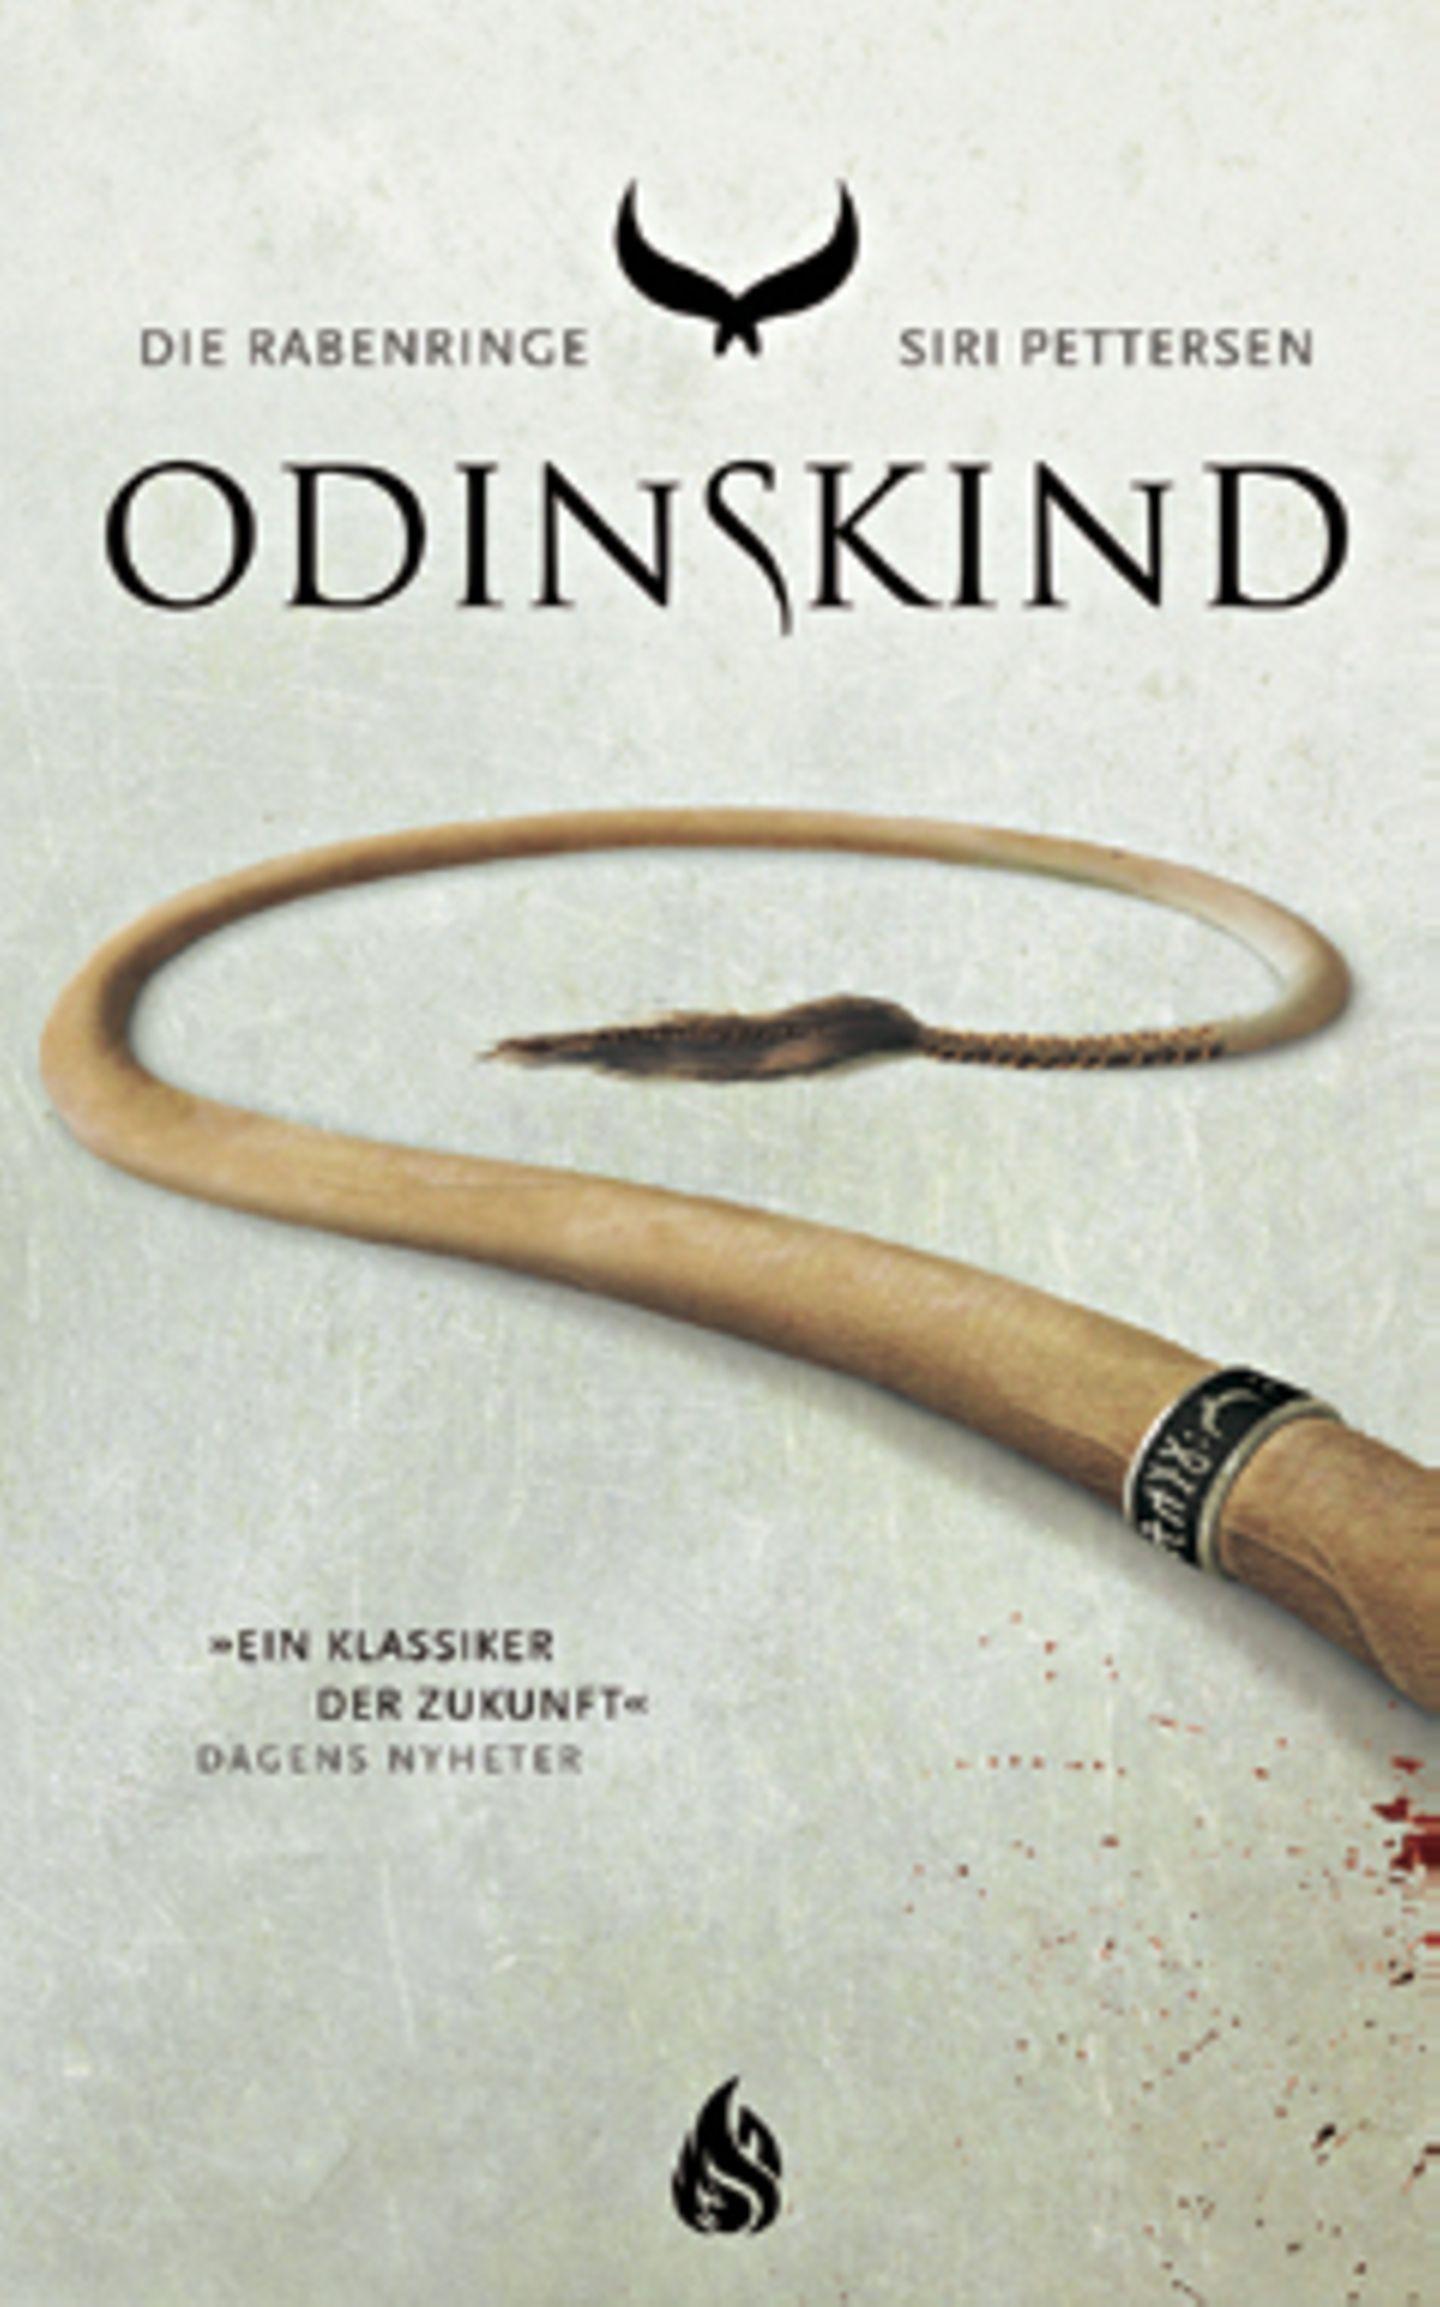 Literaturempfehlung: Odinskind